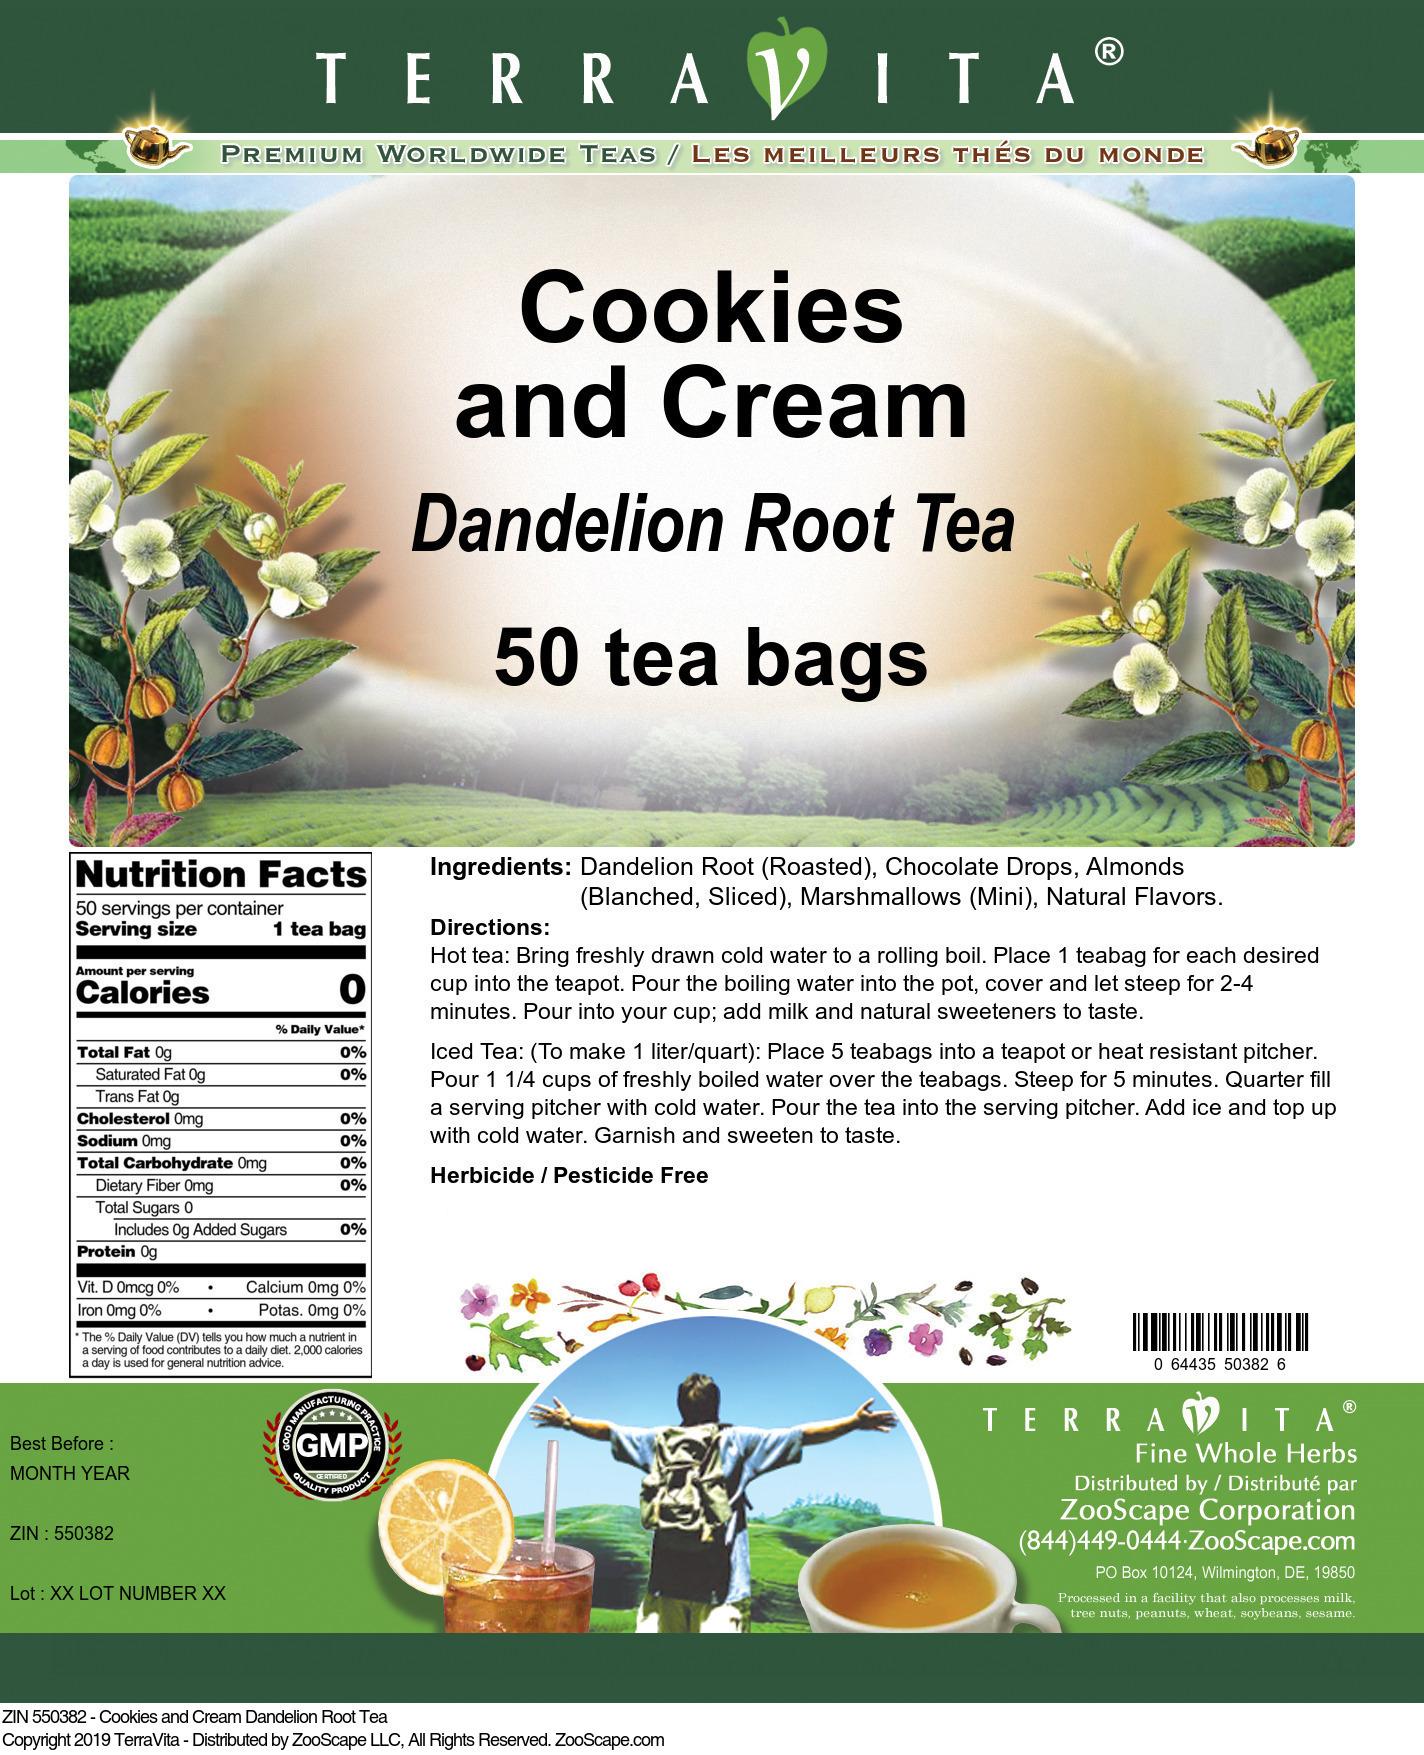 Cookies and Cream Dandelion Root Tea